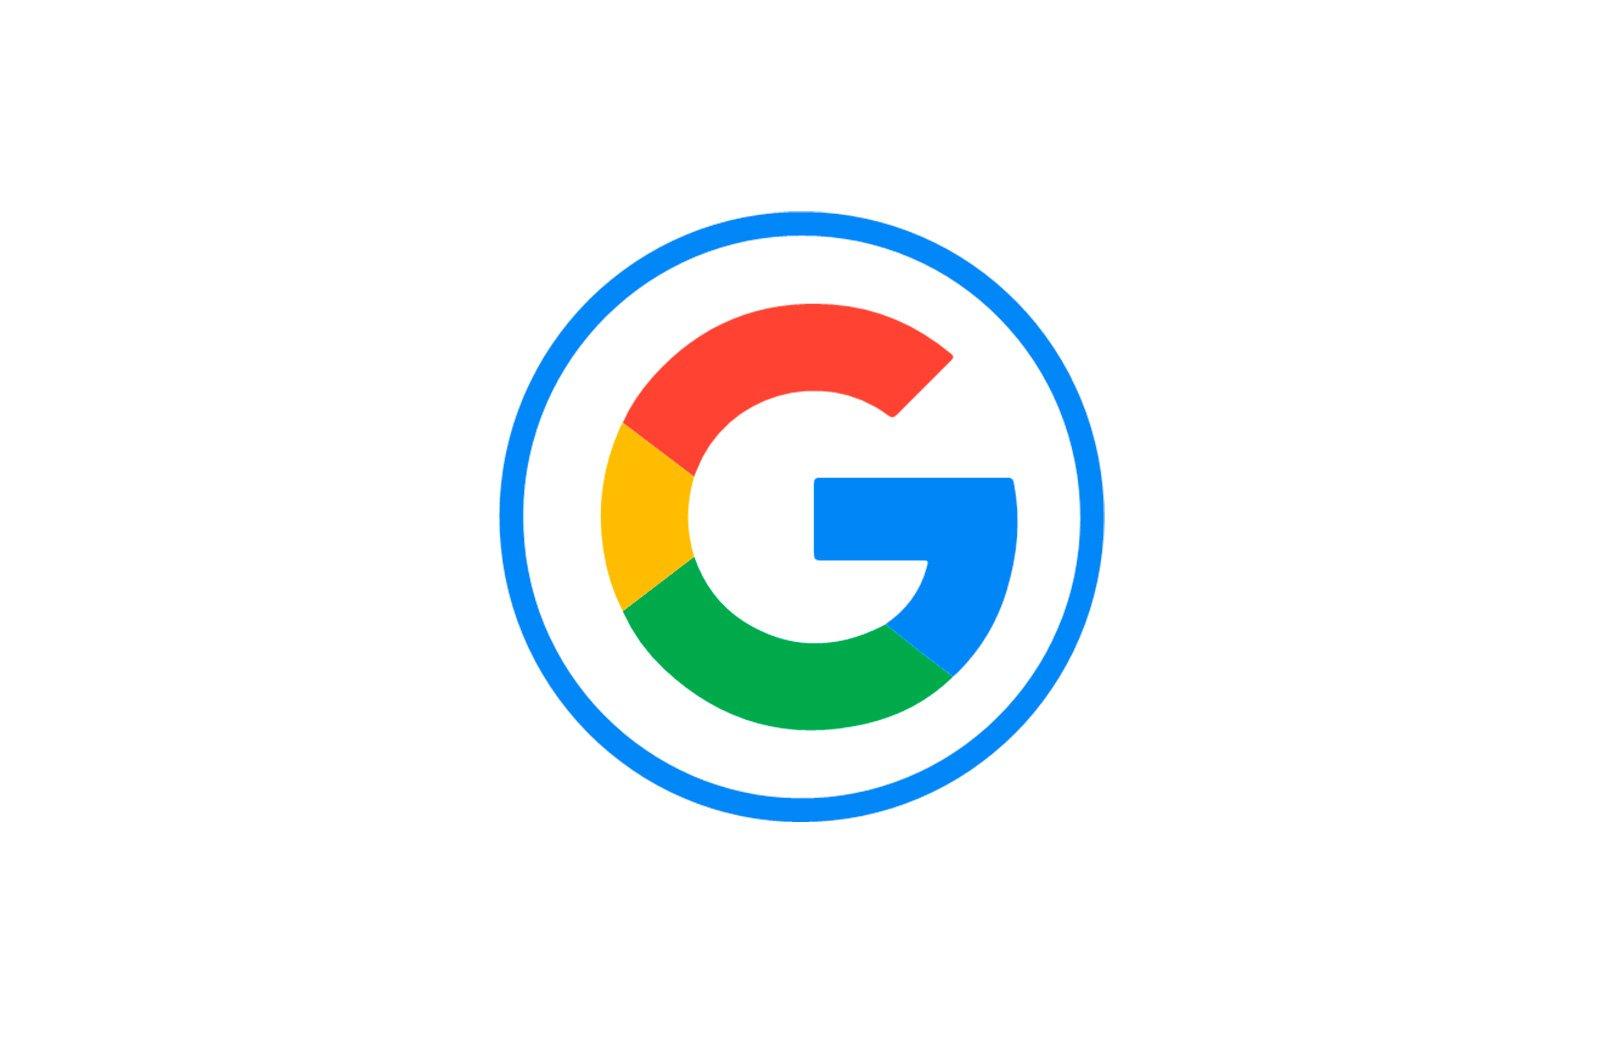 ហេតុអ្វីបានជាខ្ញុំមិនអាចទាក់ទងទៅម៉ាស៊ីនមេ Google?